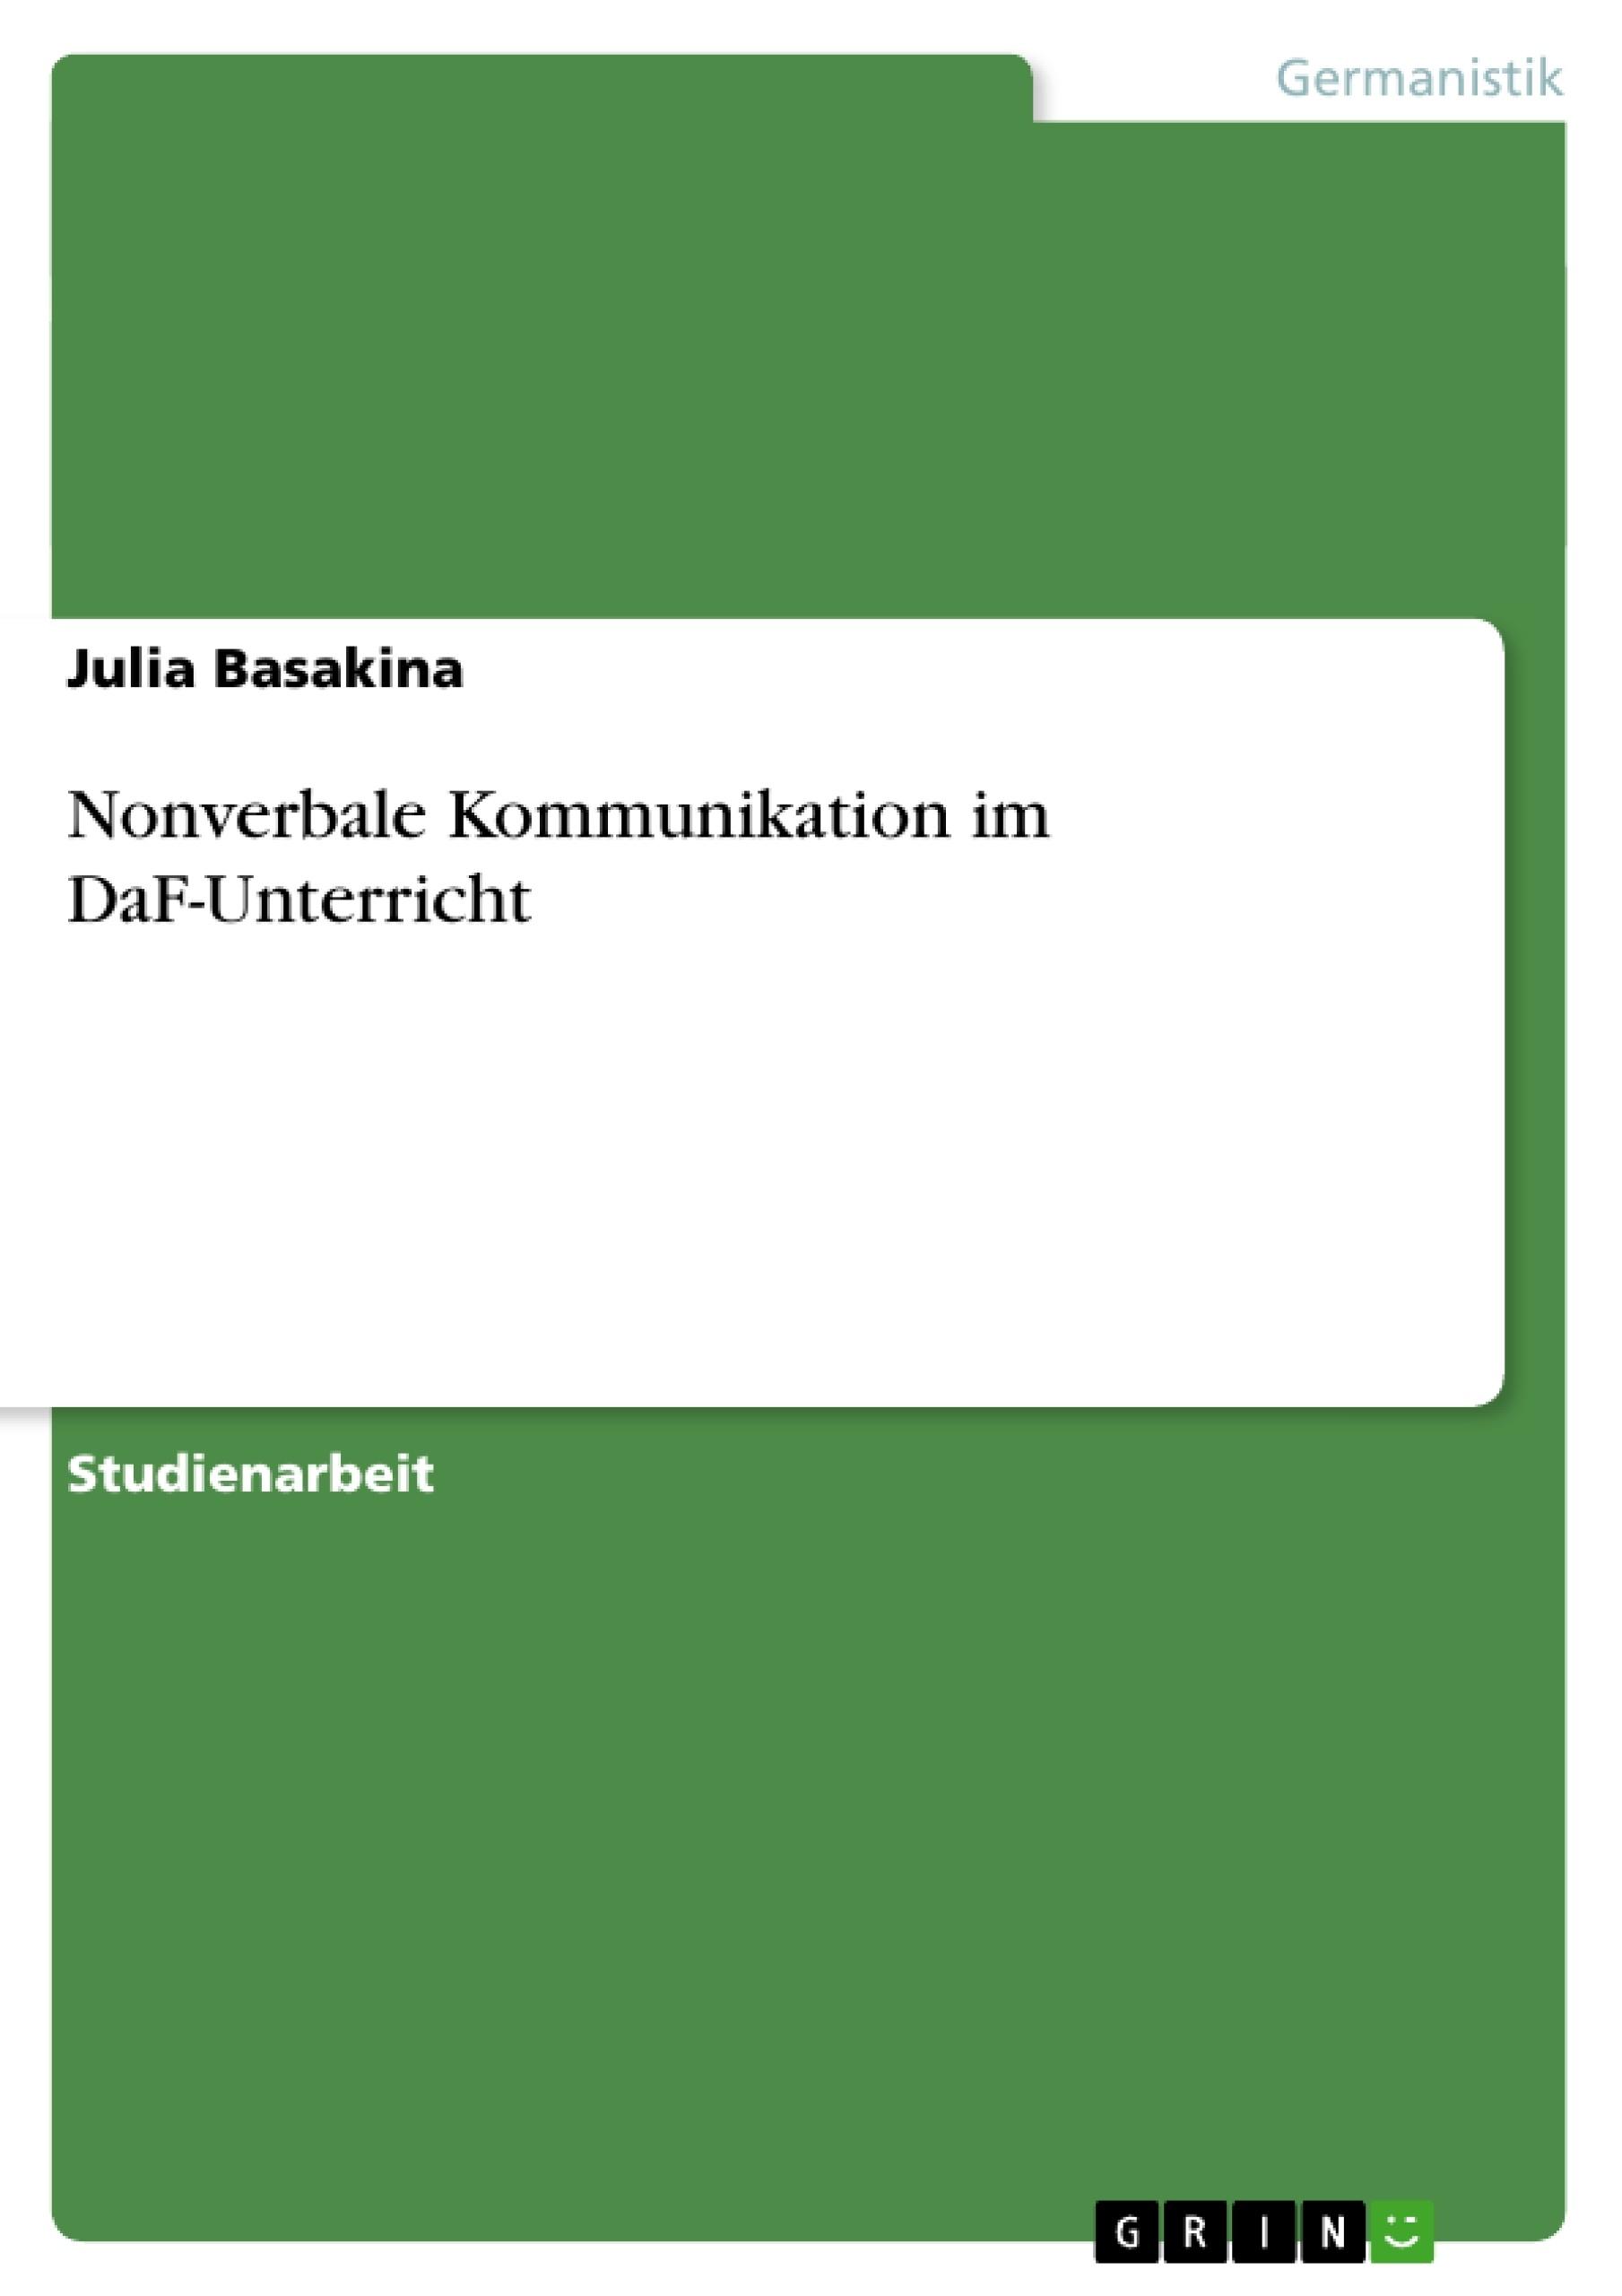 Titel: Nonverbale Kommunikation im DaF-Unterricht